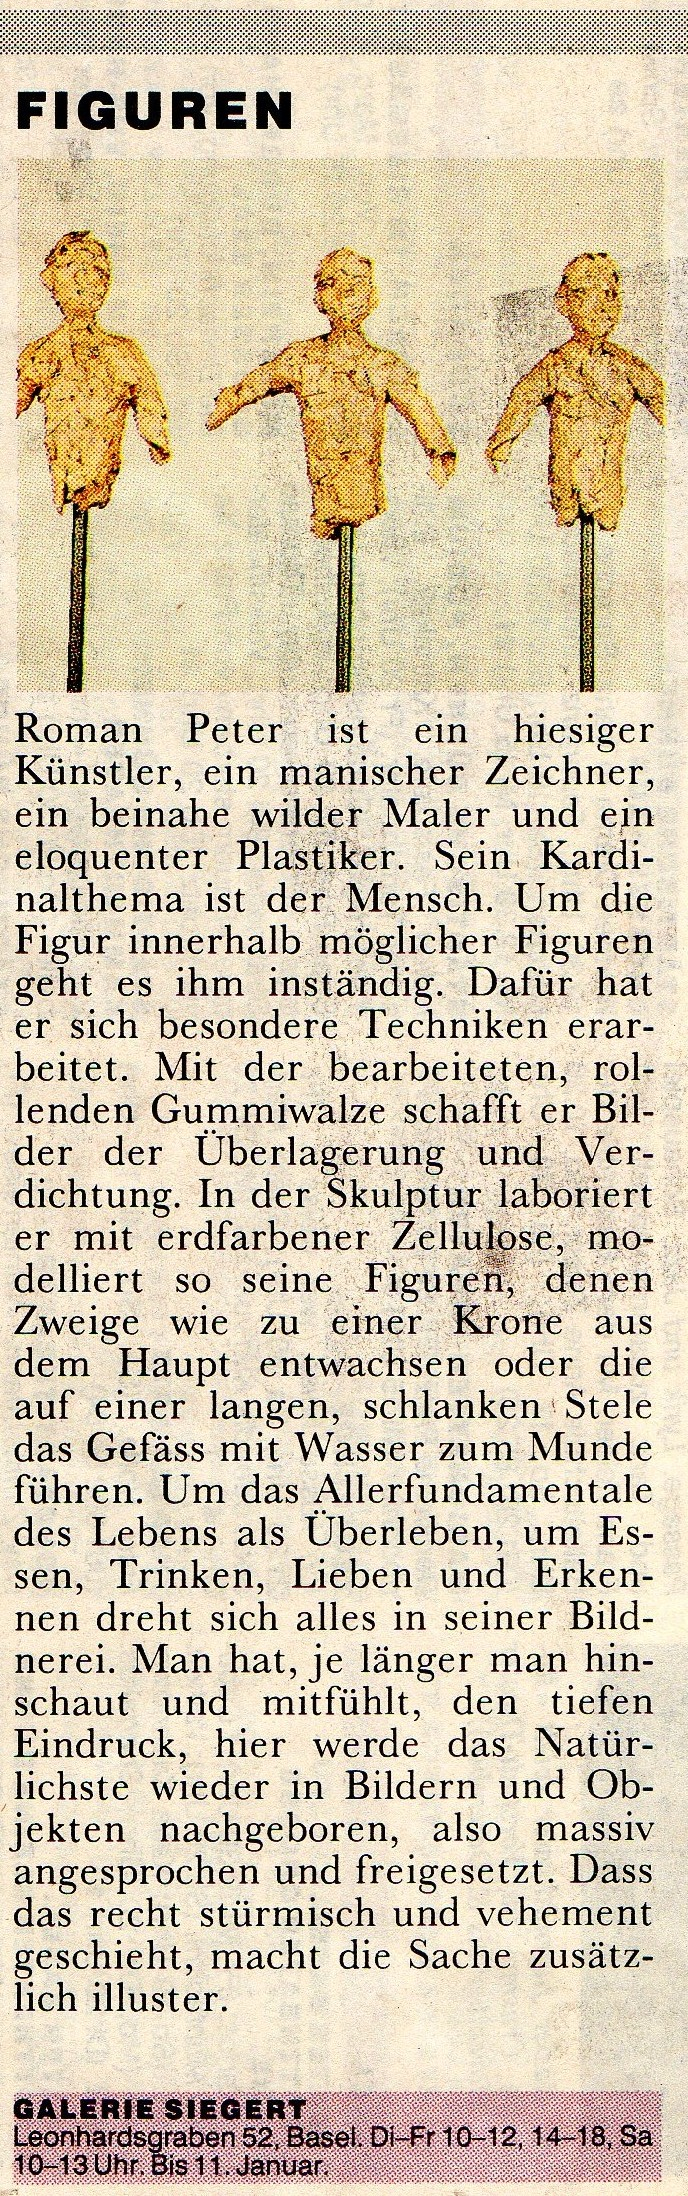 1992, Dreiland Nordwestschweiz [...]